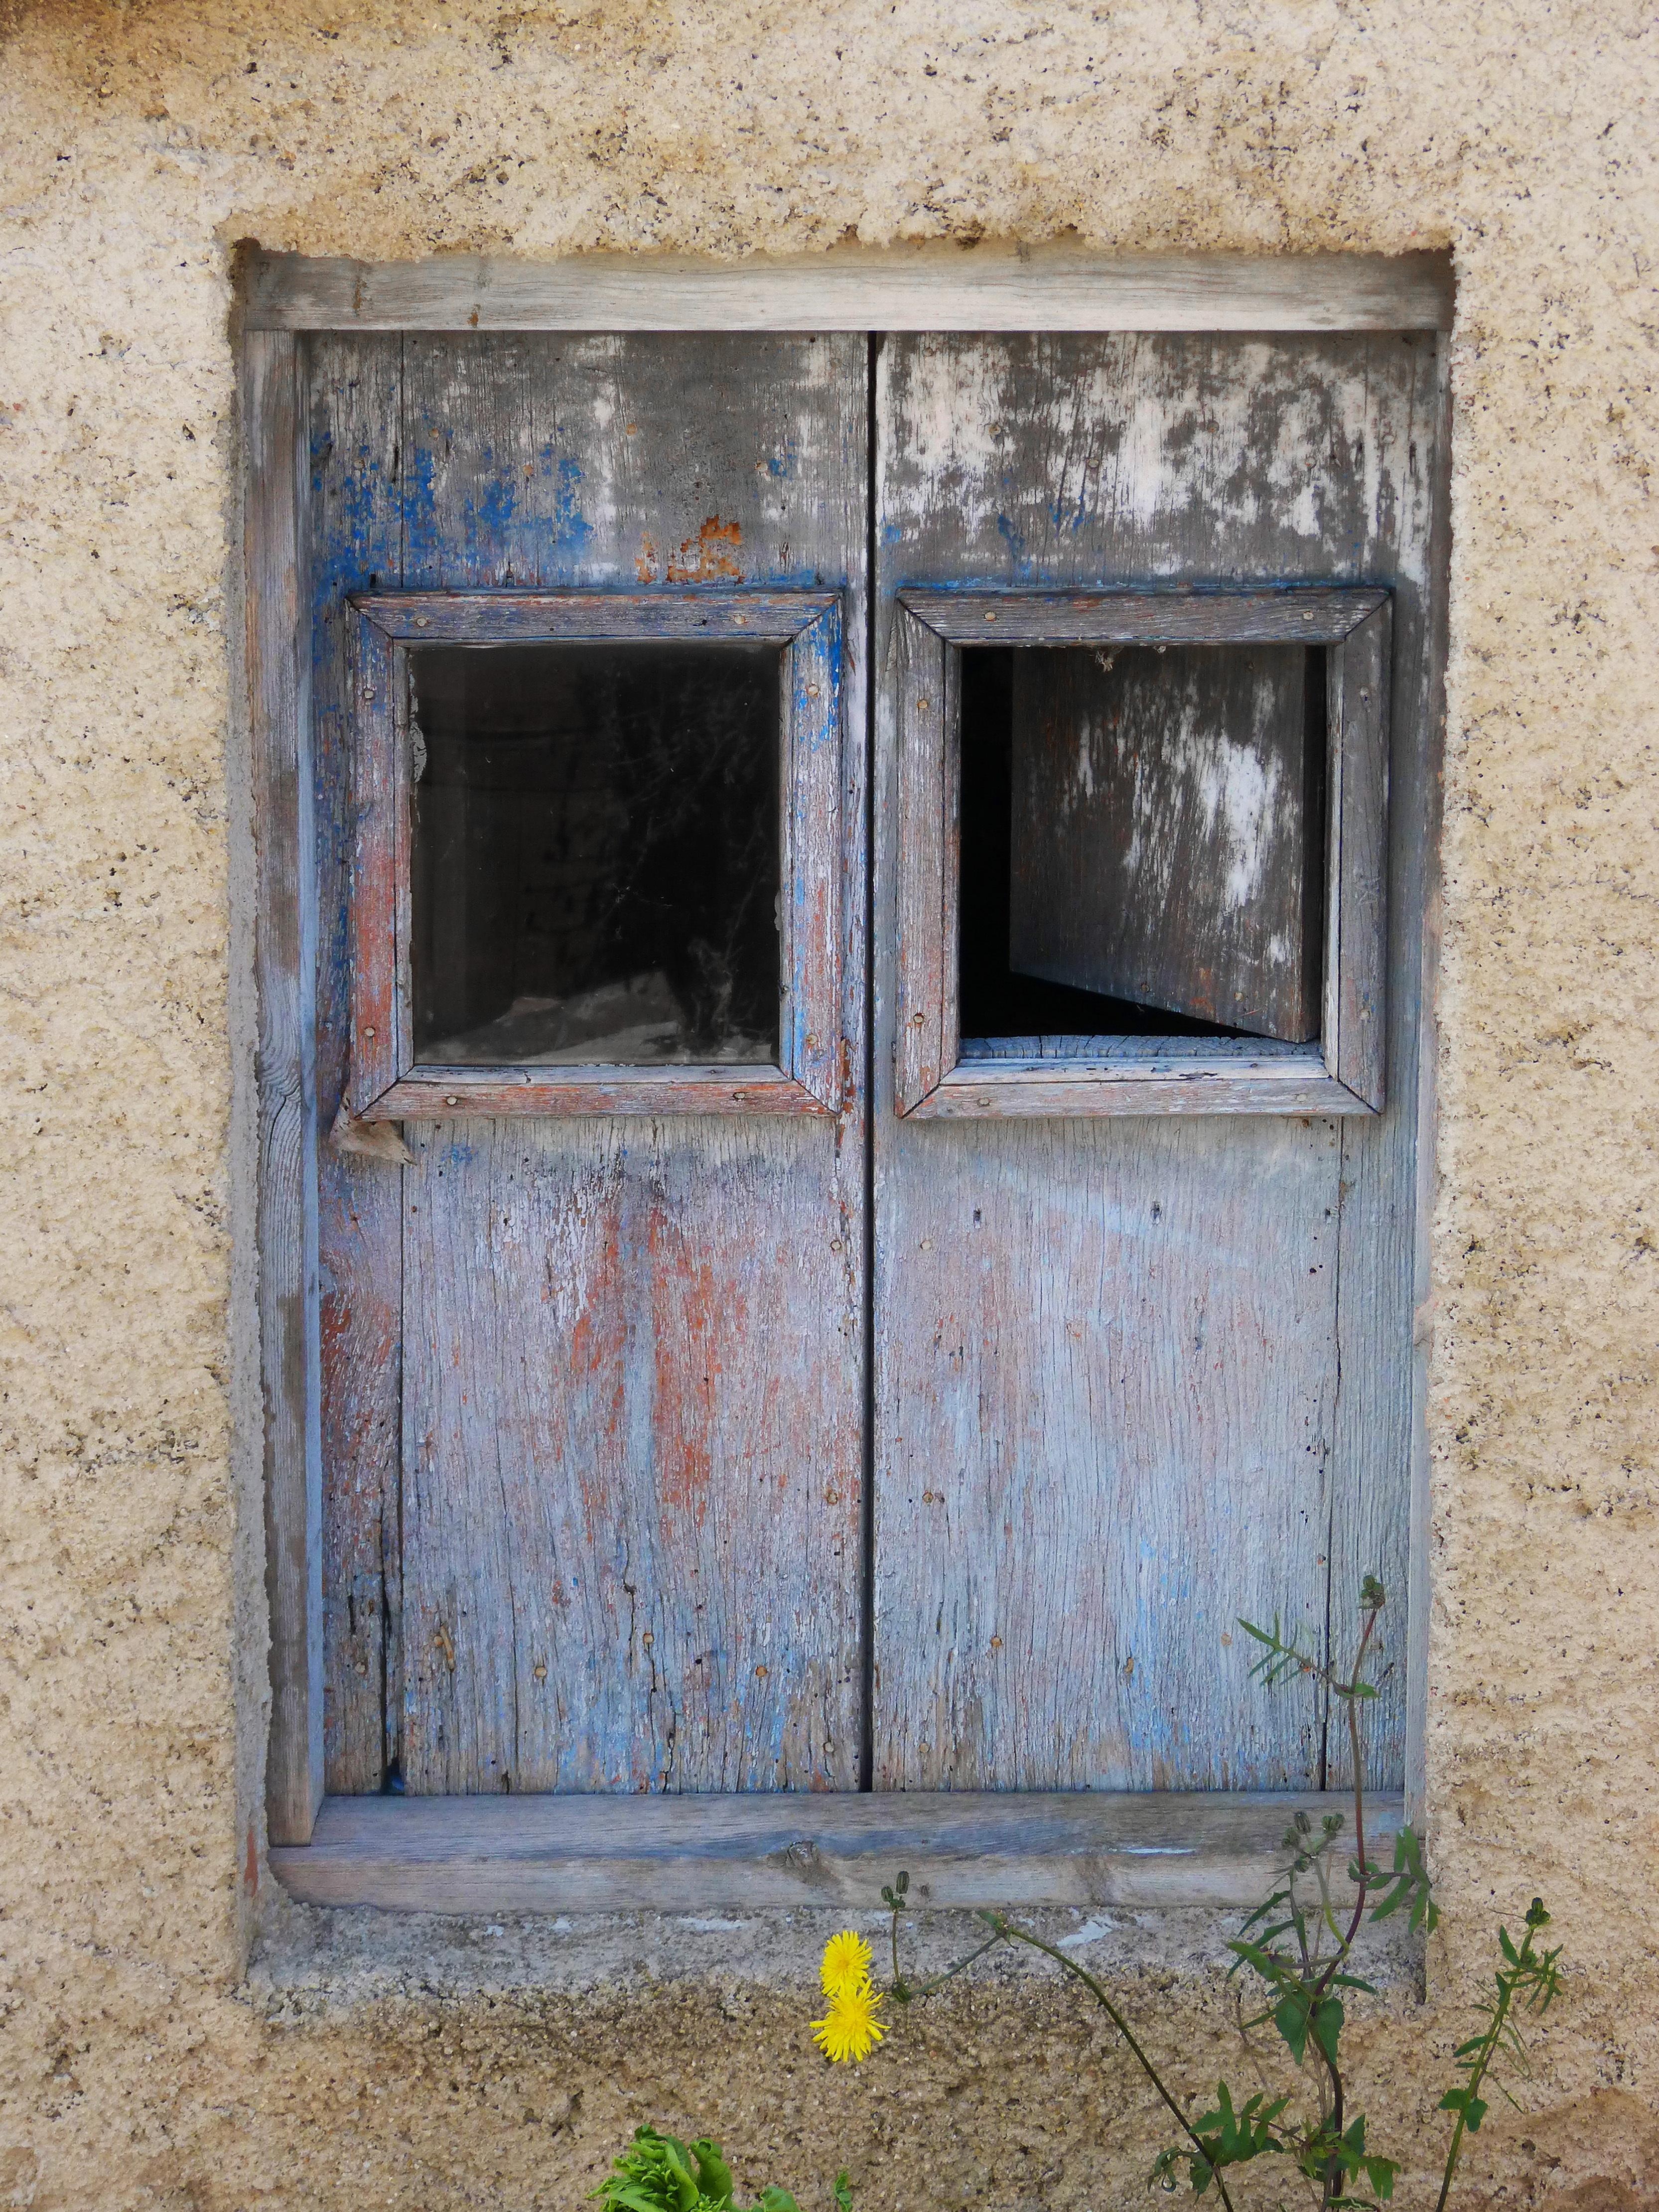 Kostenlose foto : Holz, Haus, Fenster, alt, Mauer, verlassen, blau ...